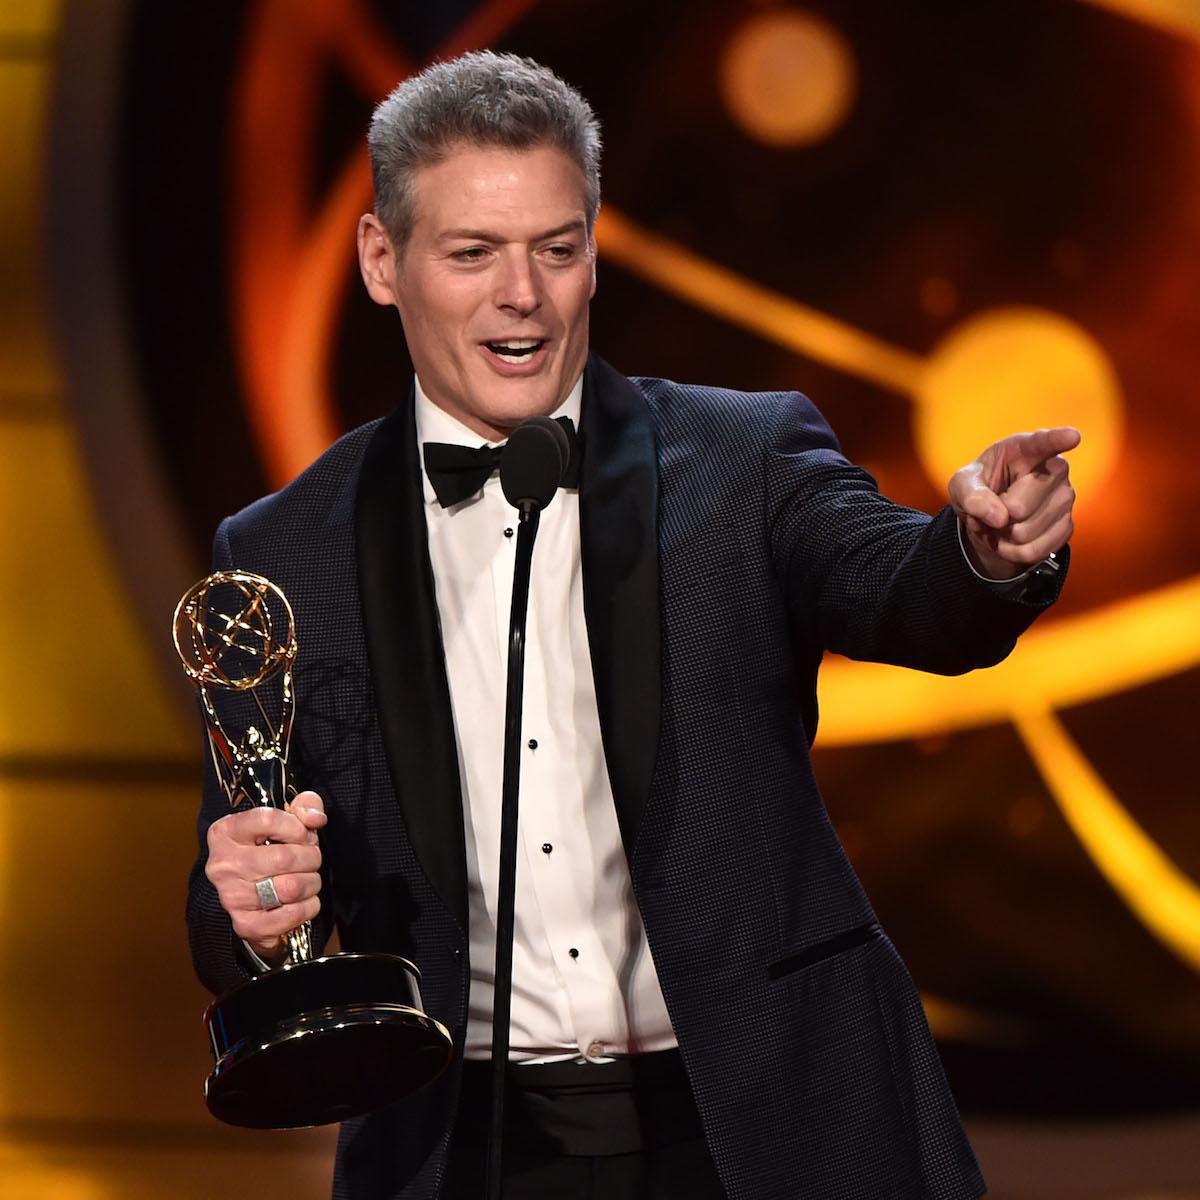 Kevin Spirtas 2019 Daytime Emmy win